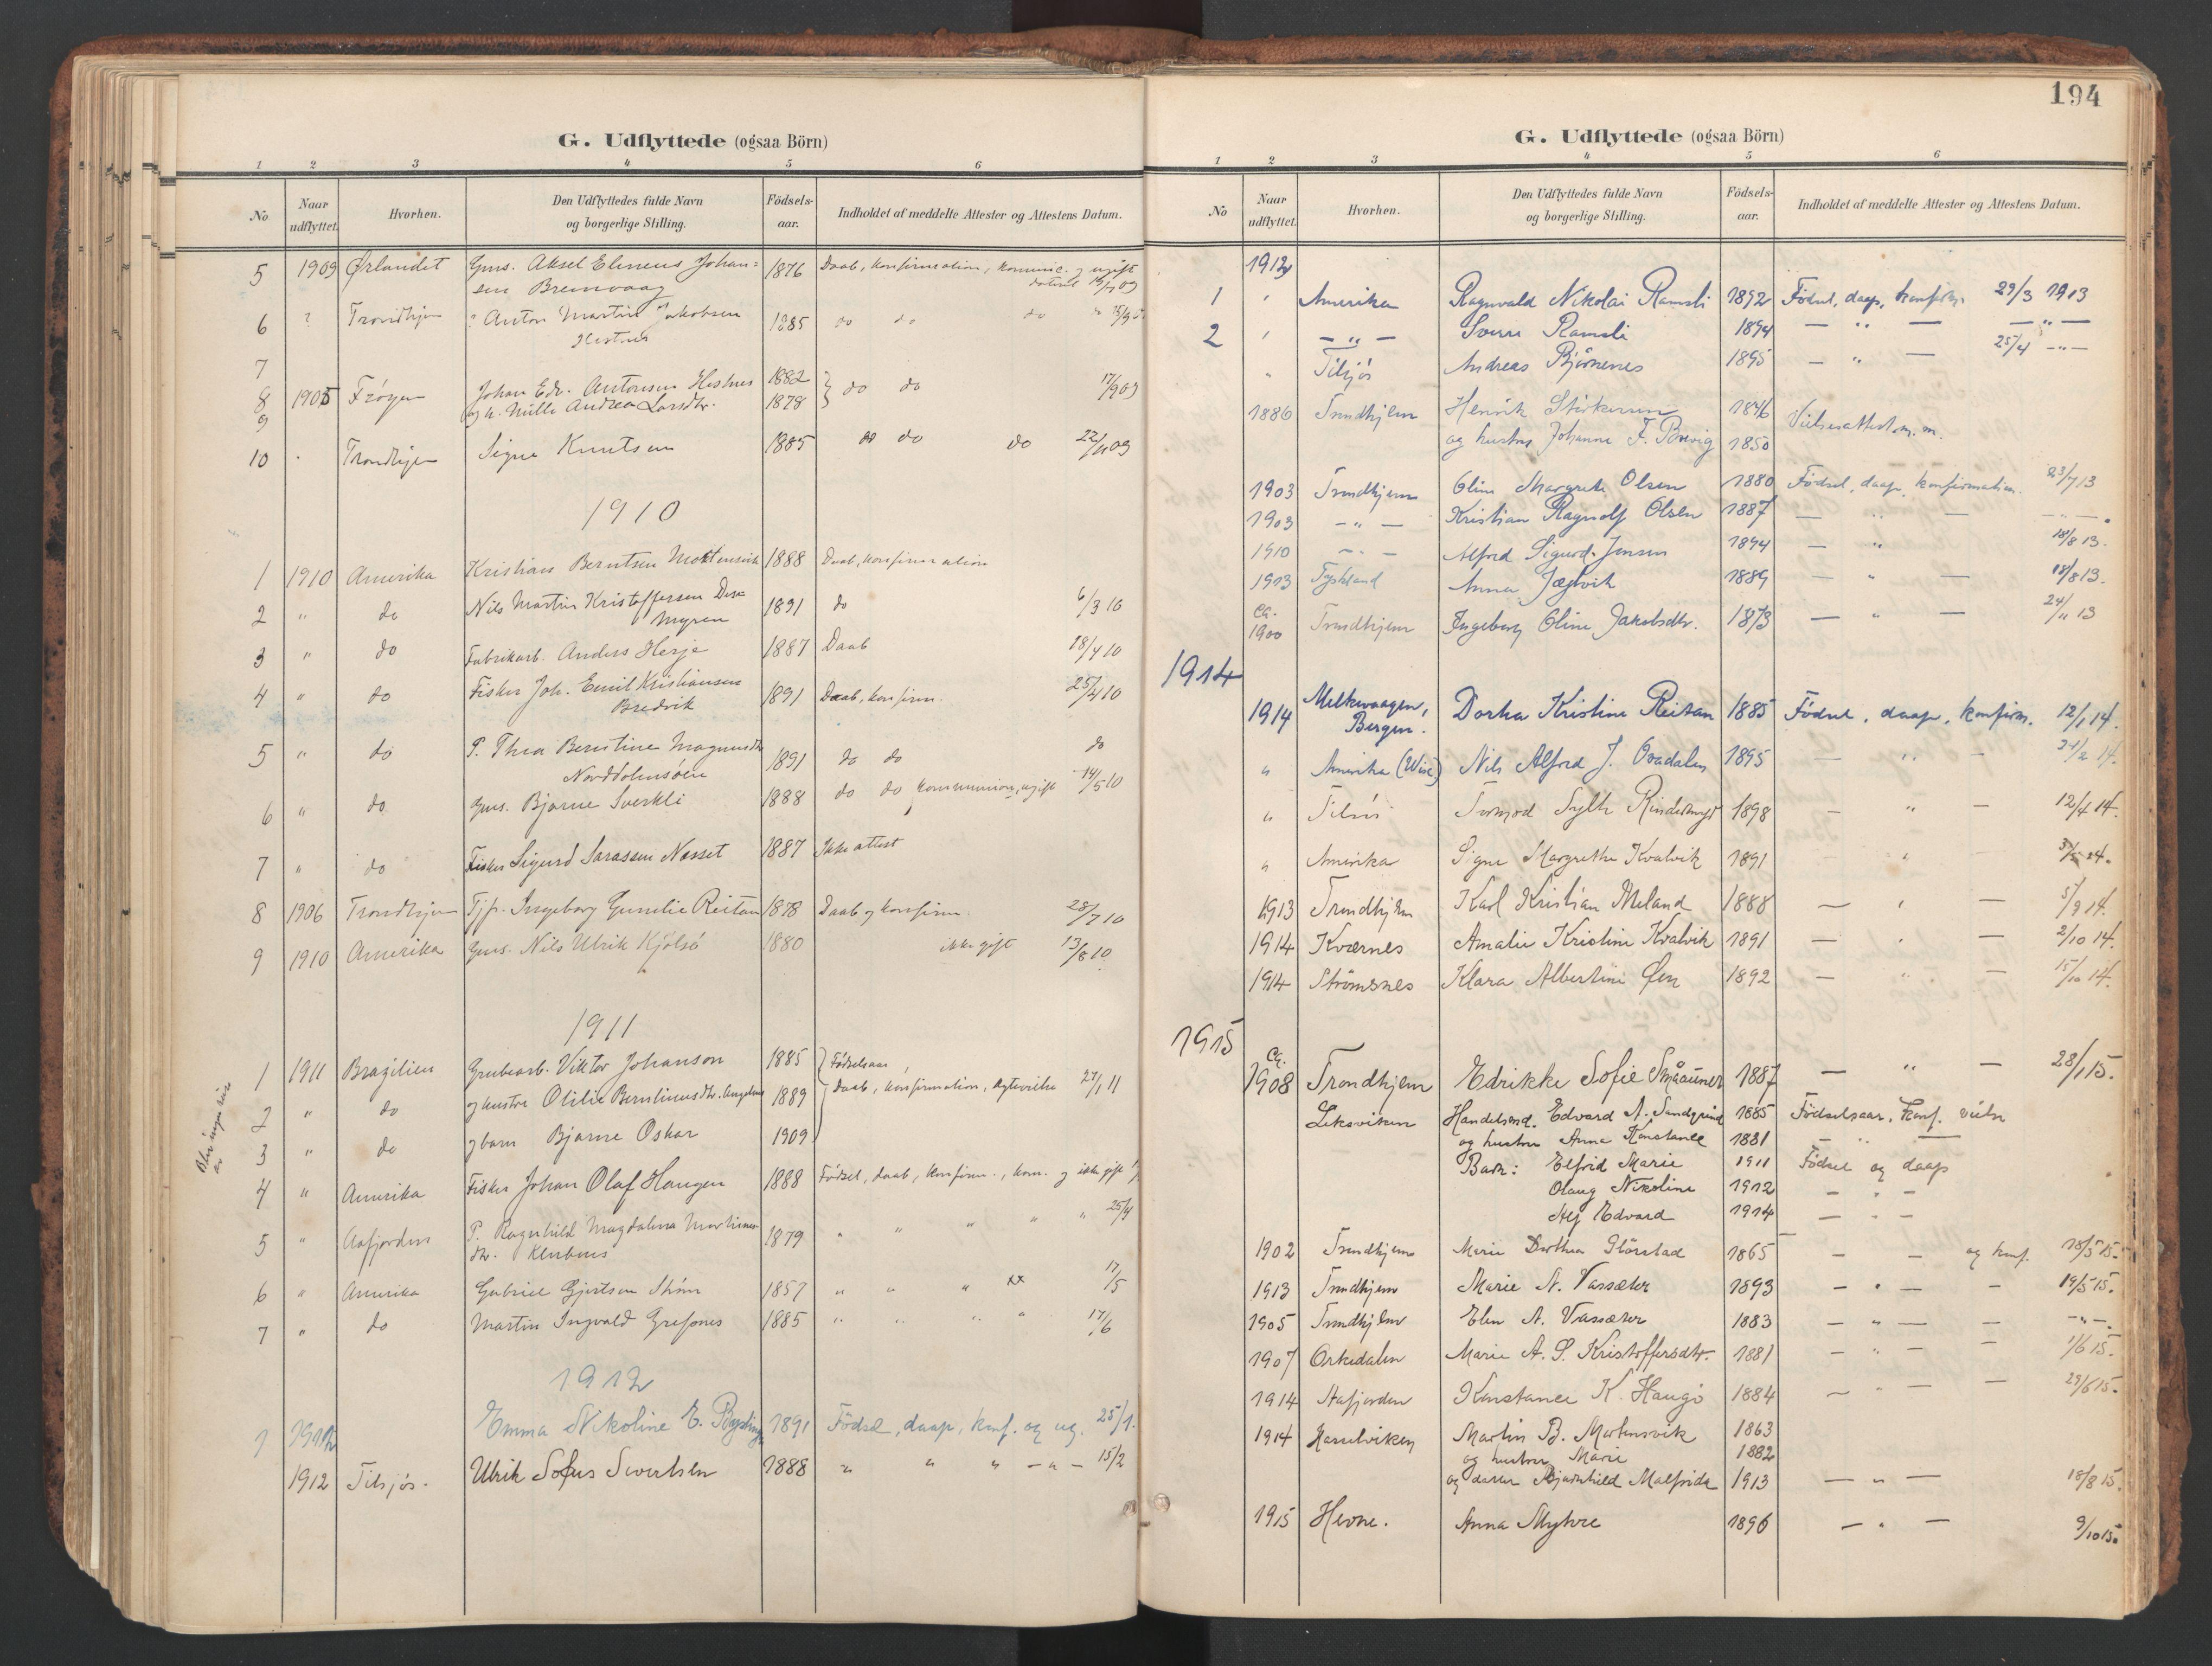 SAT, Ministerialprotokoller, klokkerbøker og fødselsregistre - Sør-Trøndelag, 634/L0537: Ministerialbok nr. 634A13, 1896-1922, s. 194